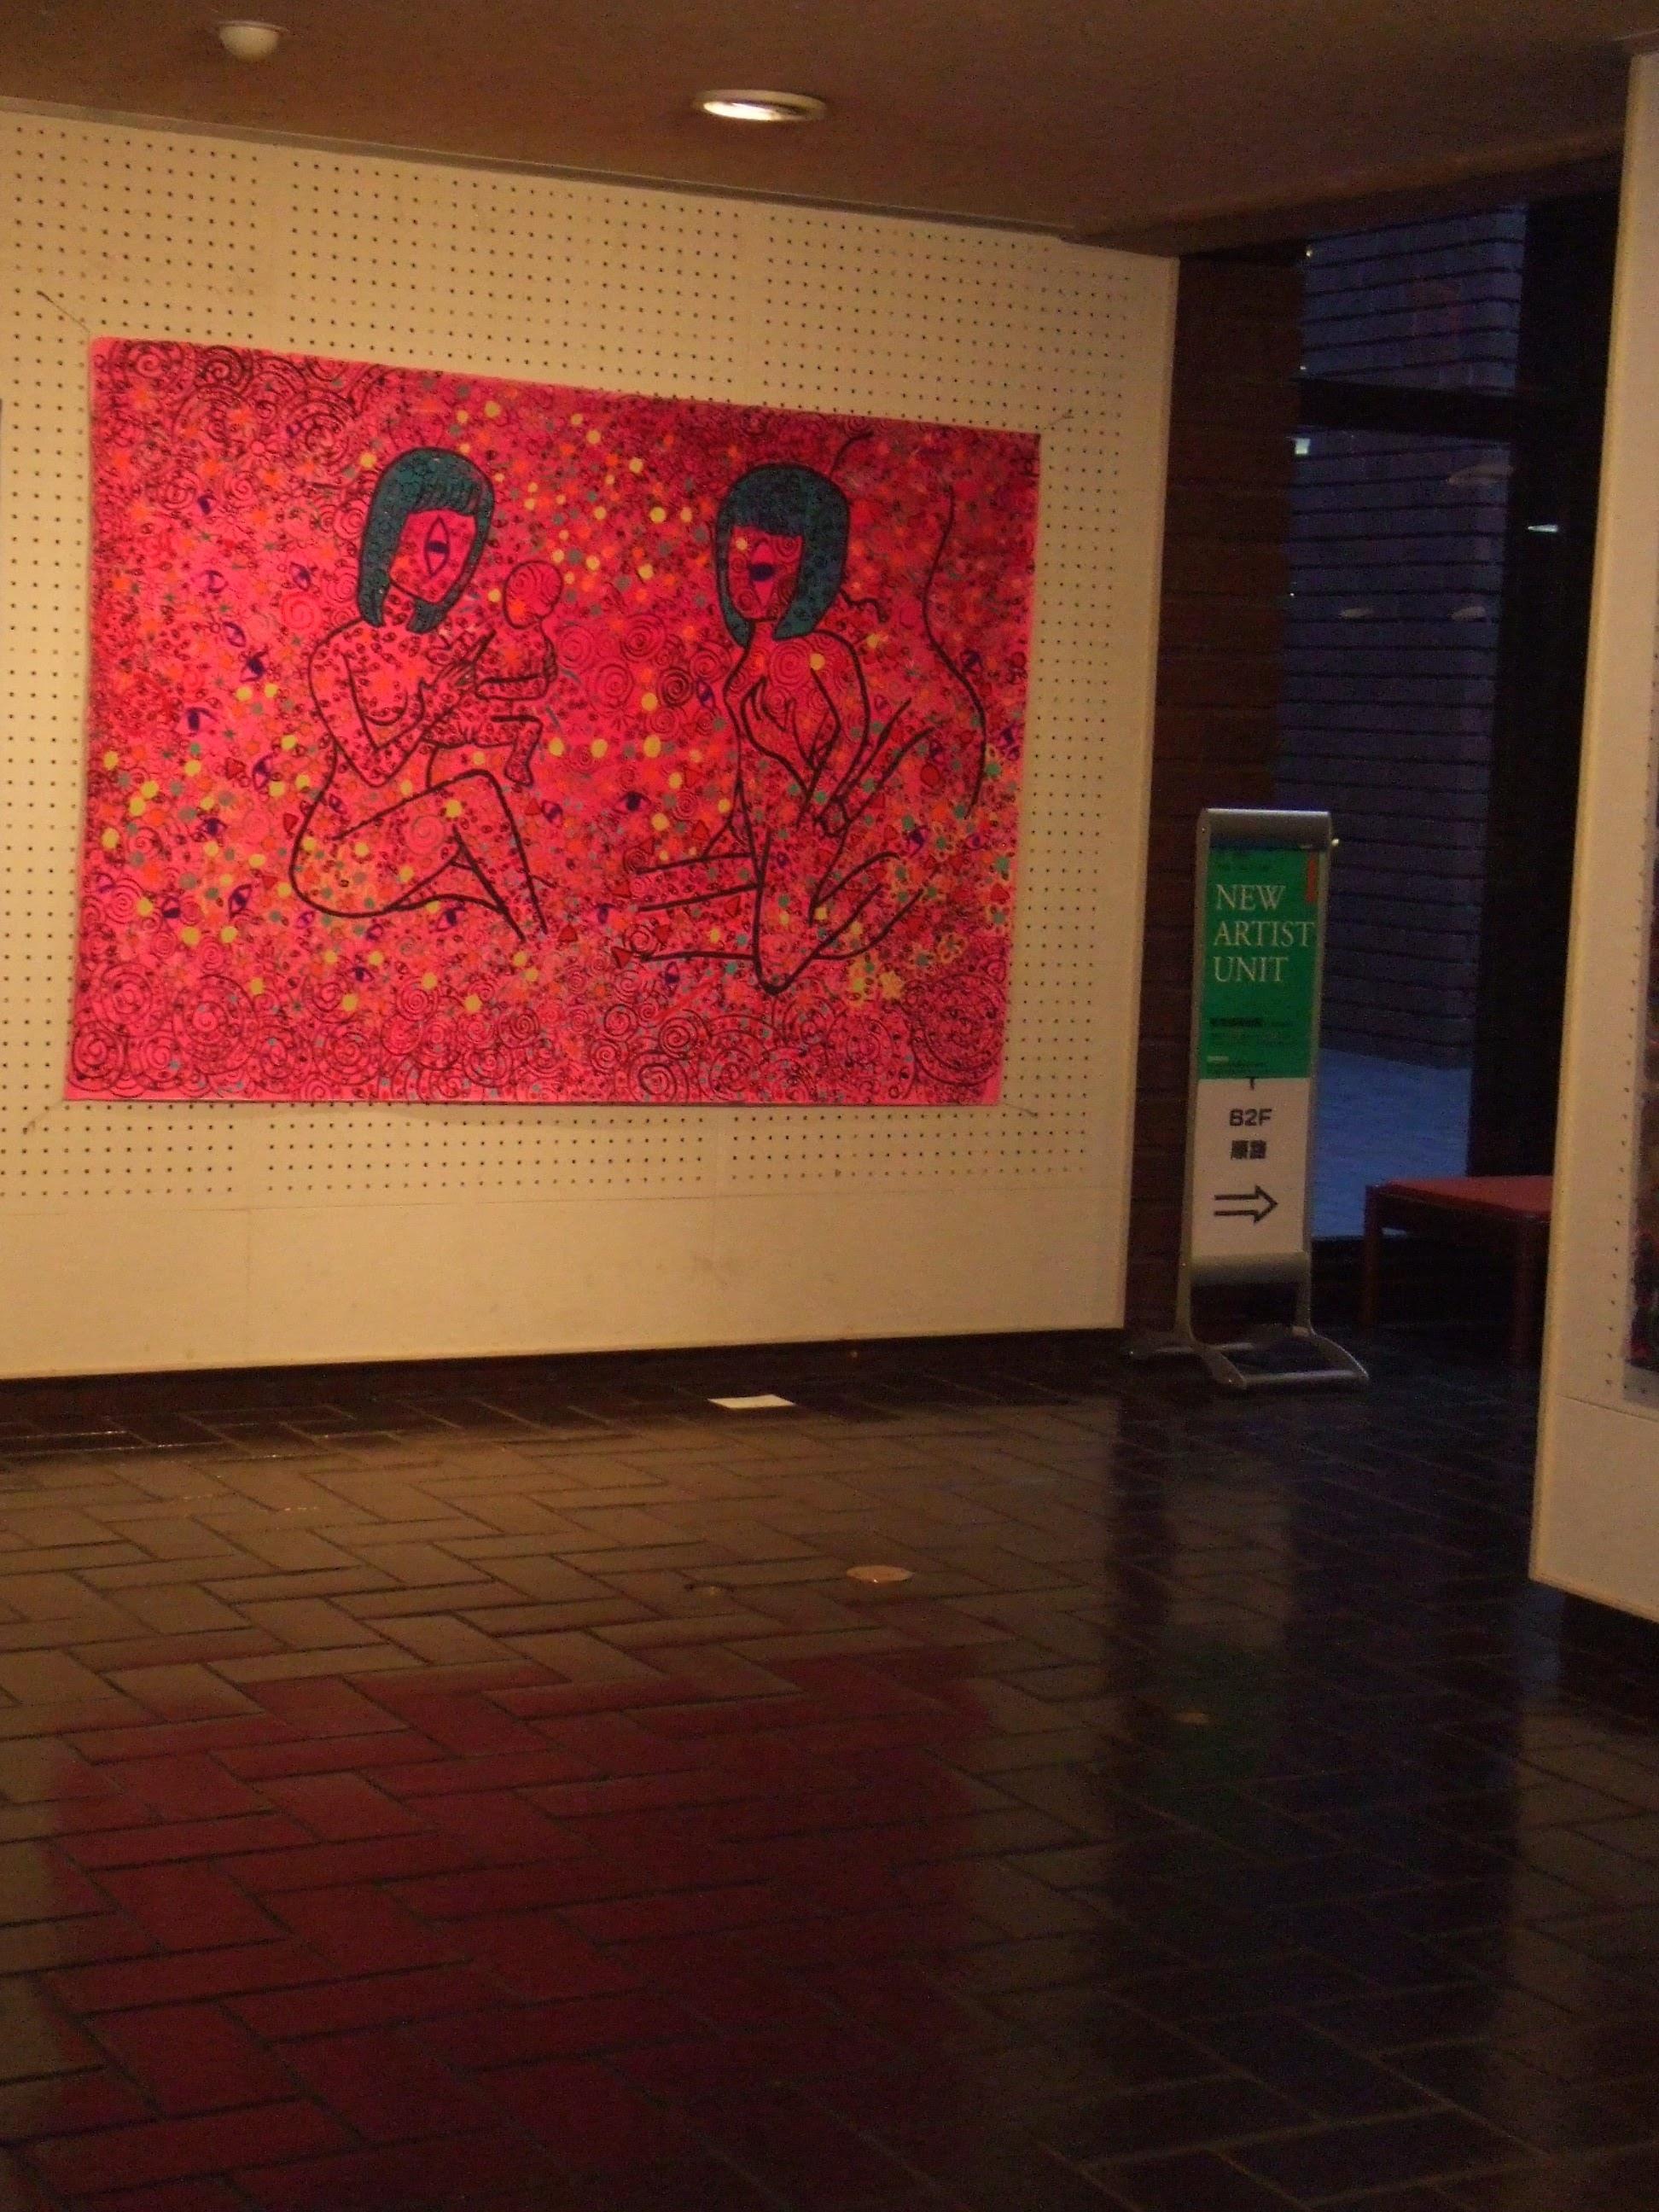 ドッペルゲンガー - 伊藤 洋子の美術。[NAU 2007] に出品。